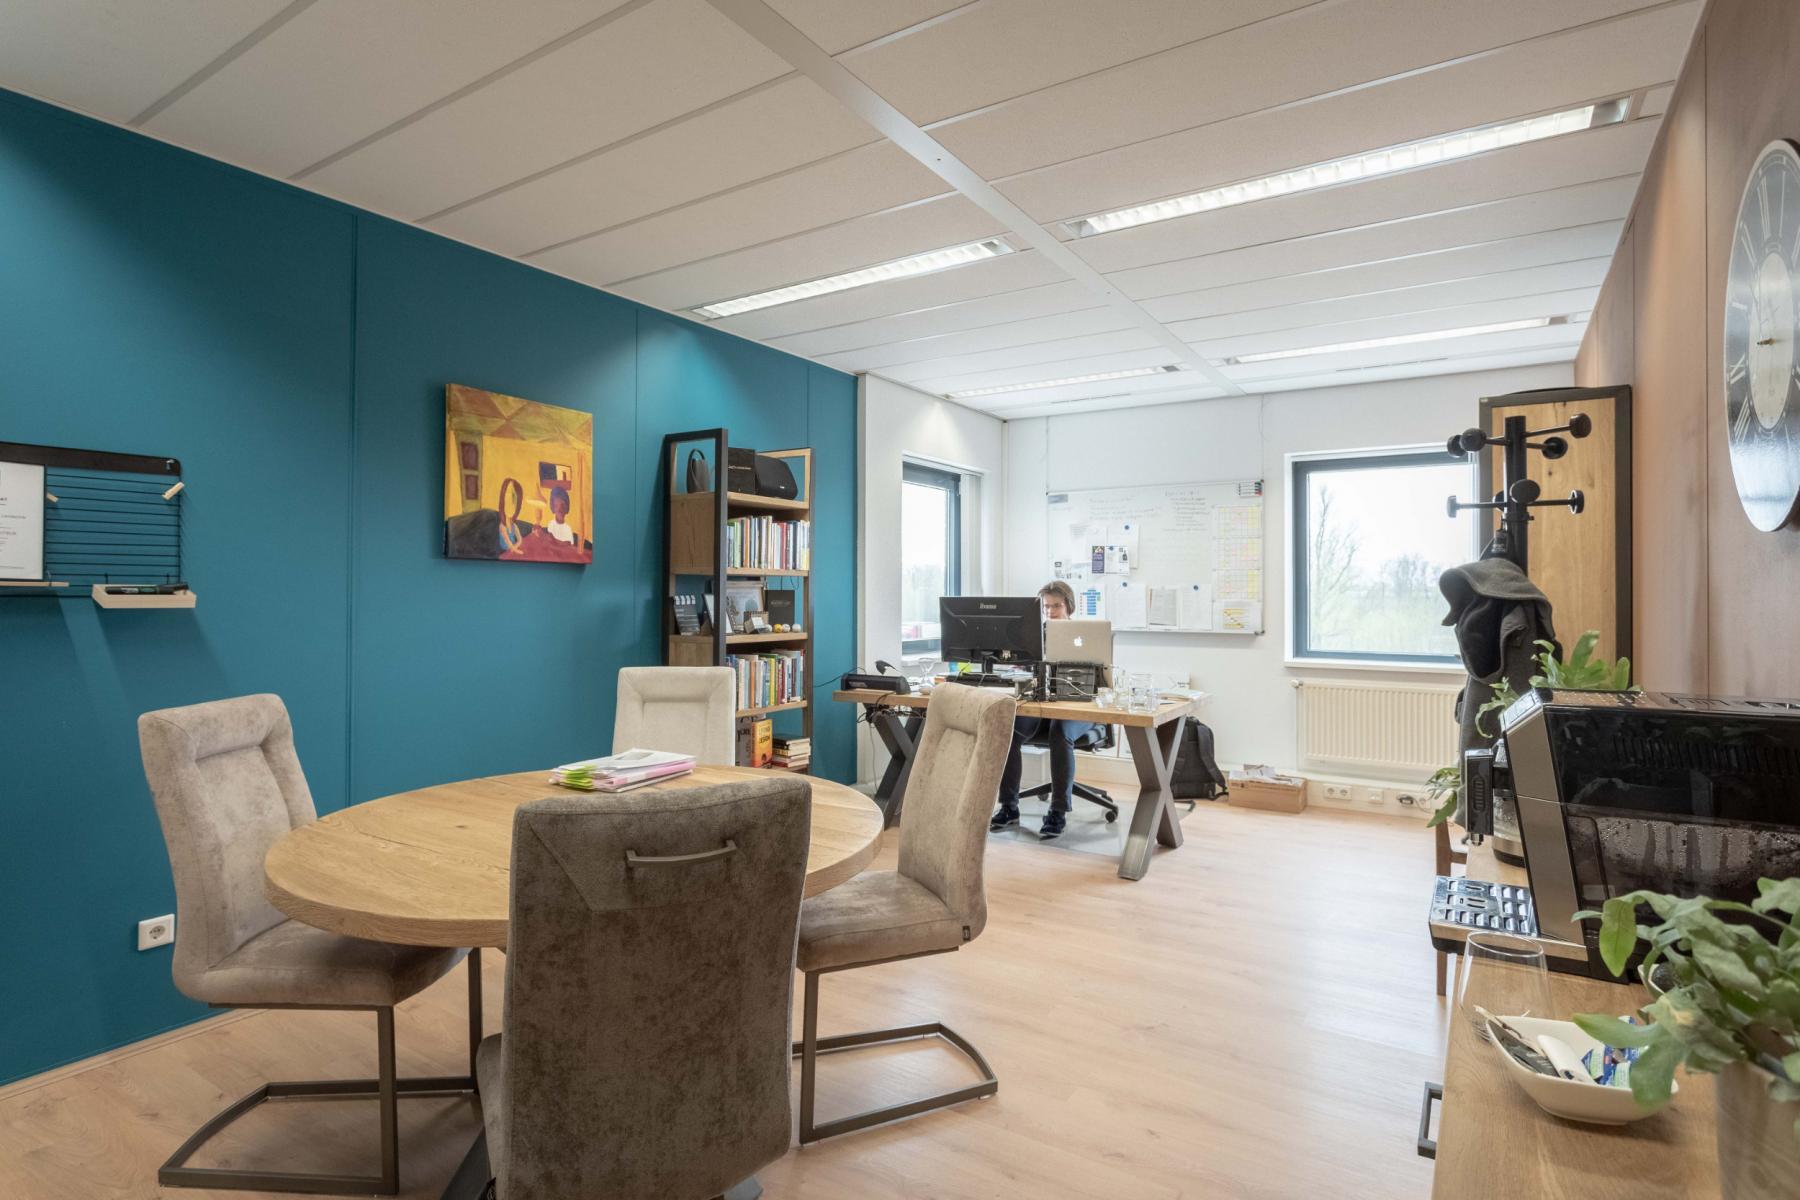 Rent office space Atoomweg 63, Utrecht (42)